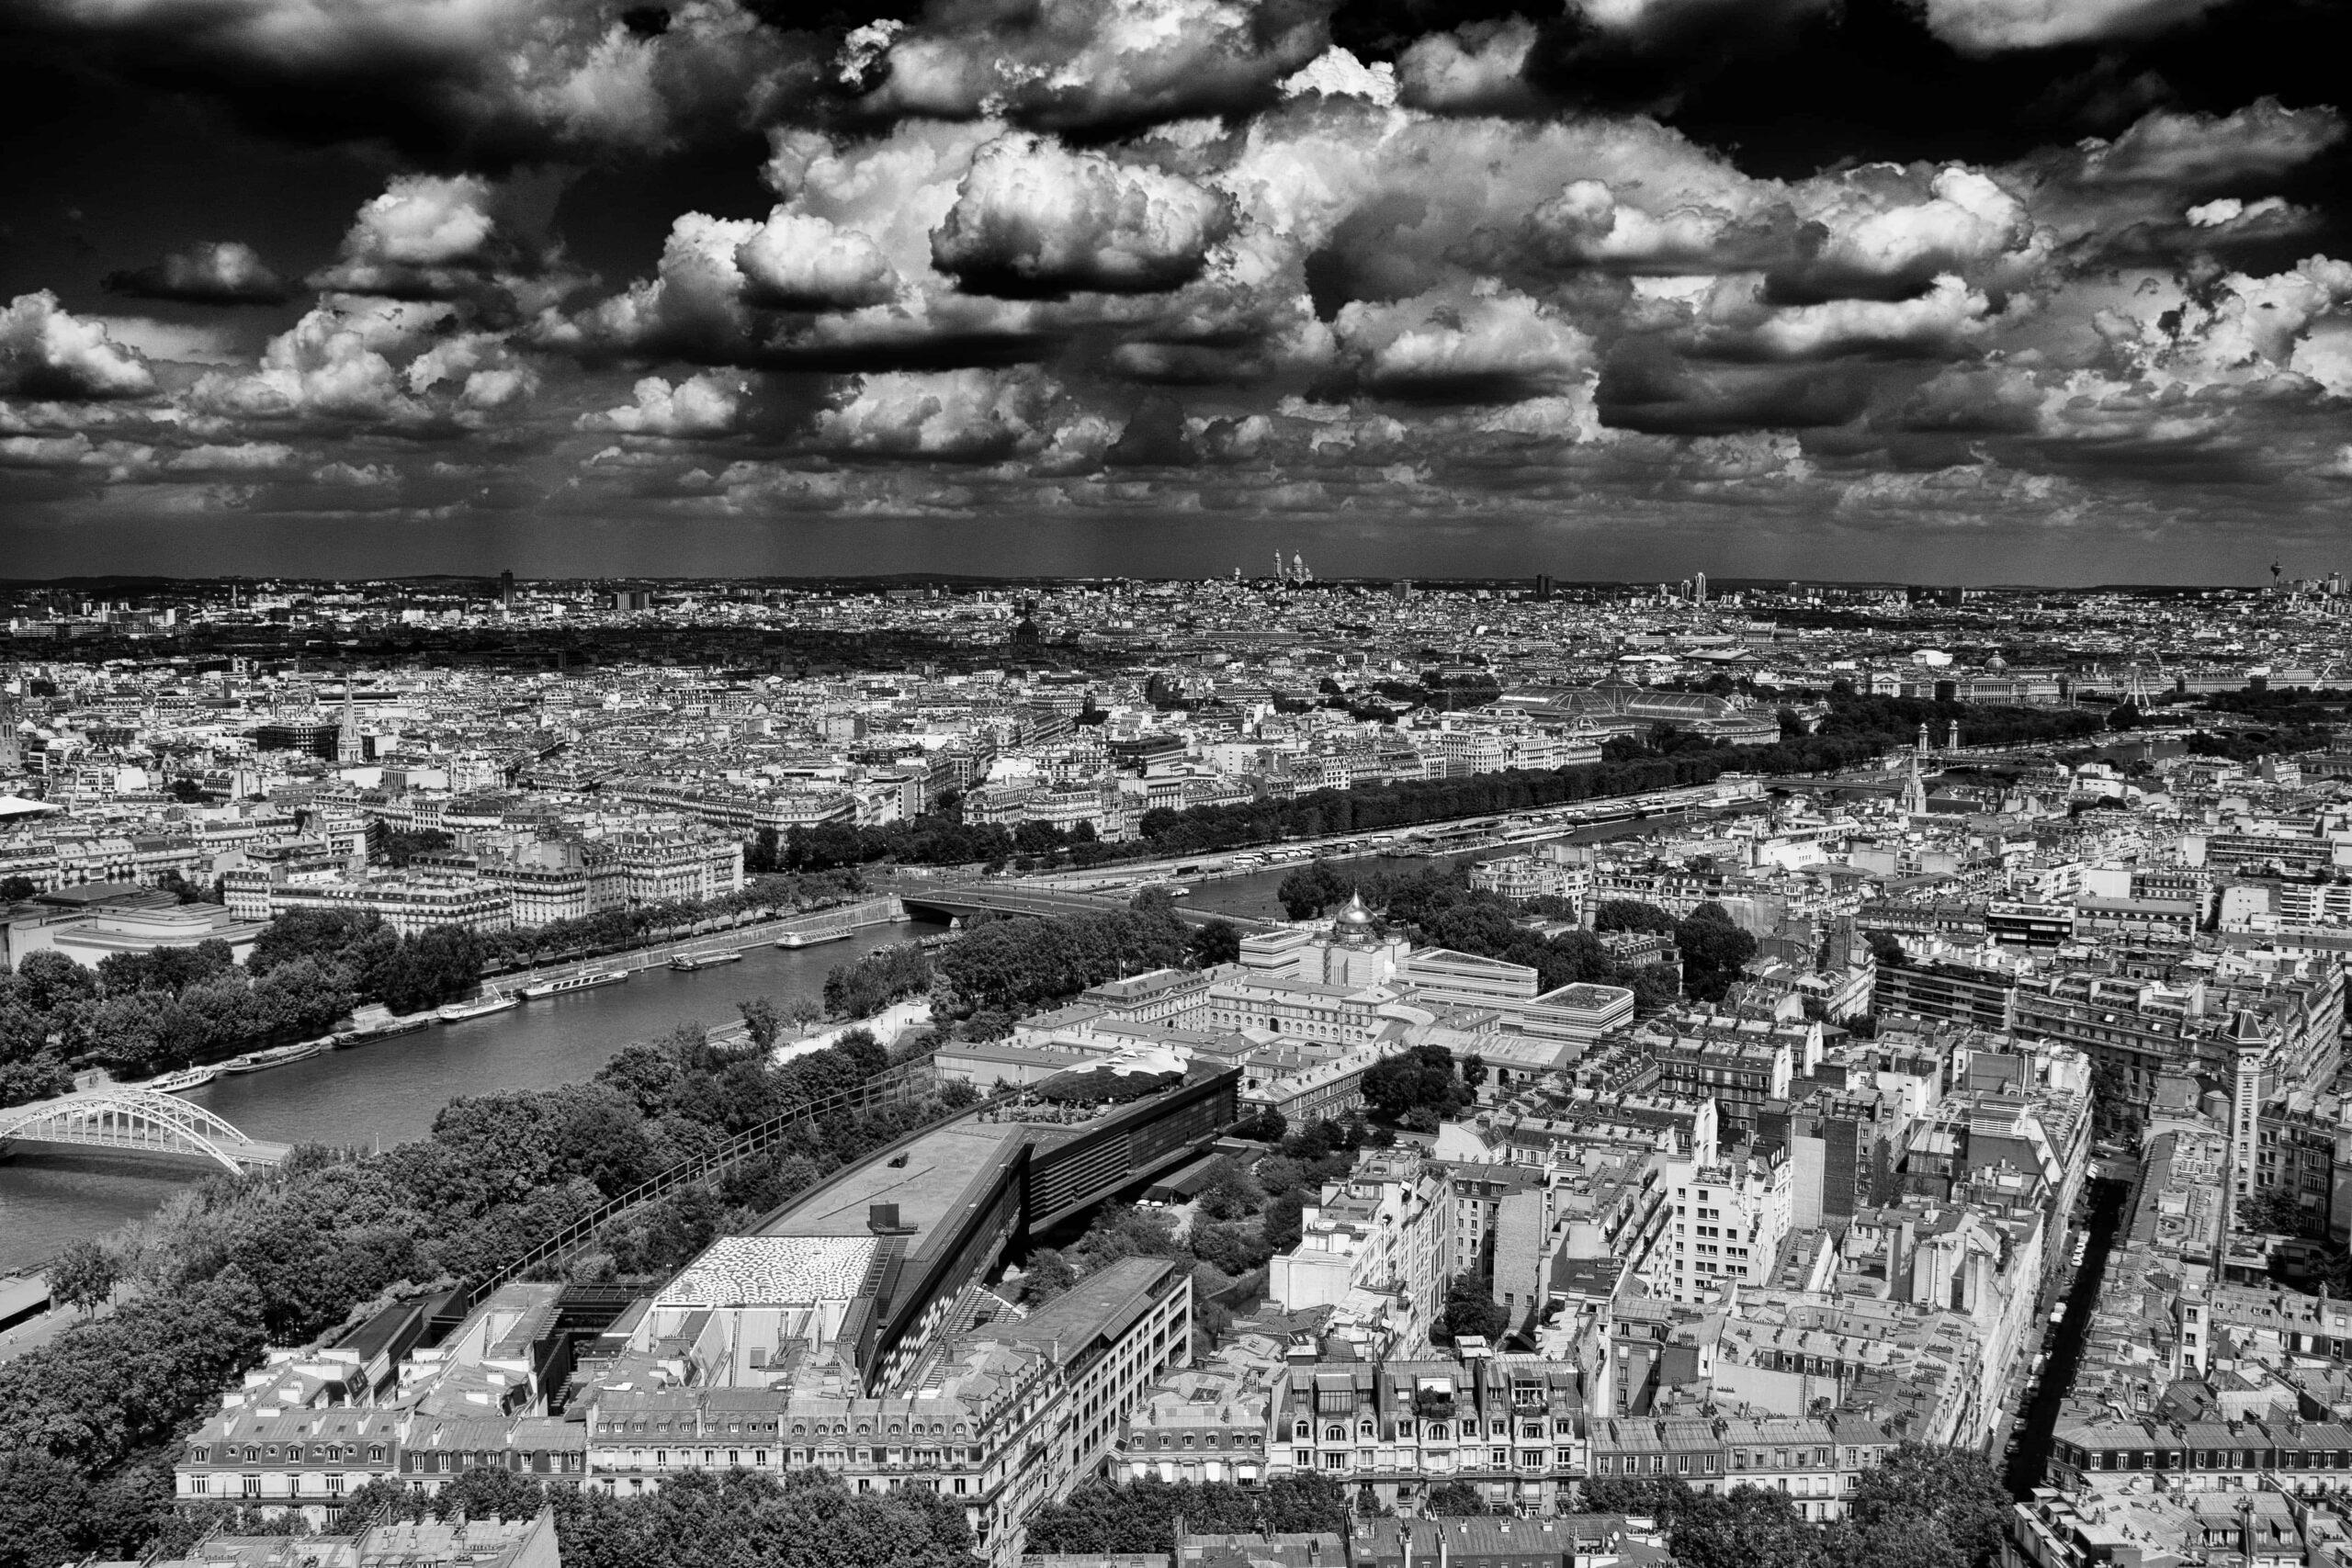 From Eiffel